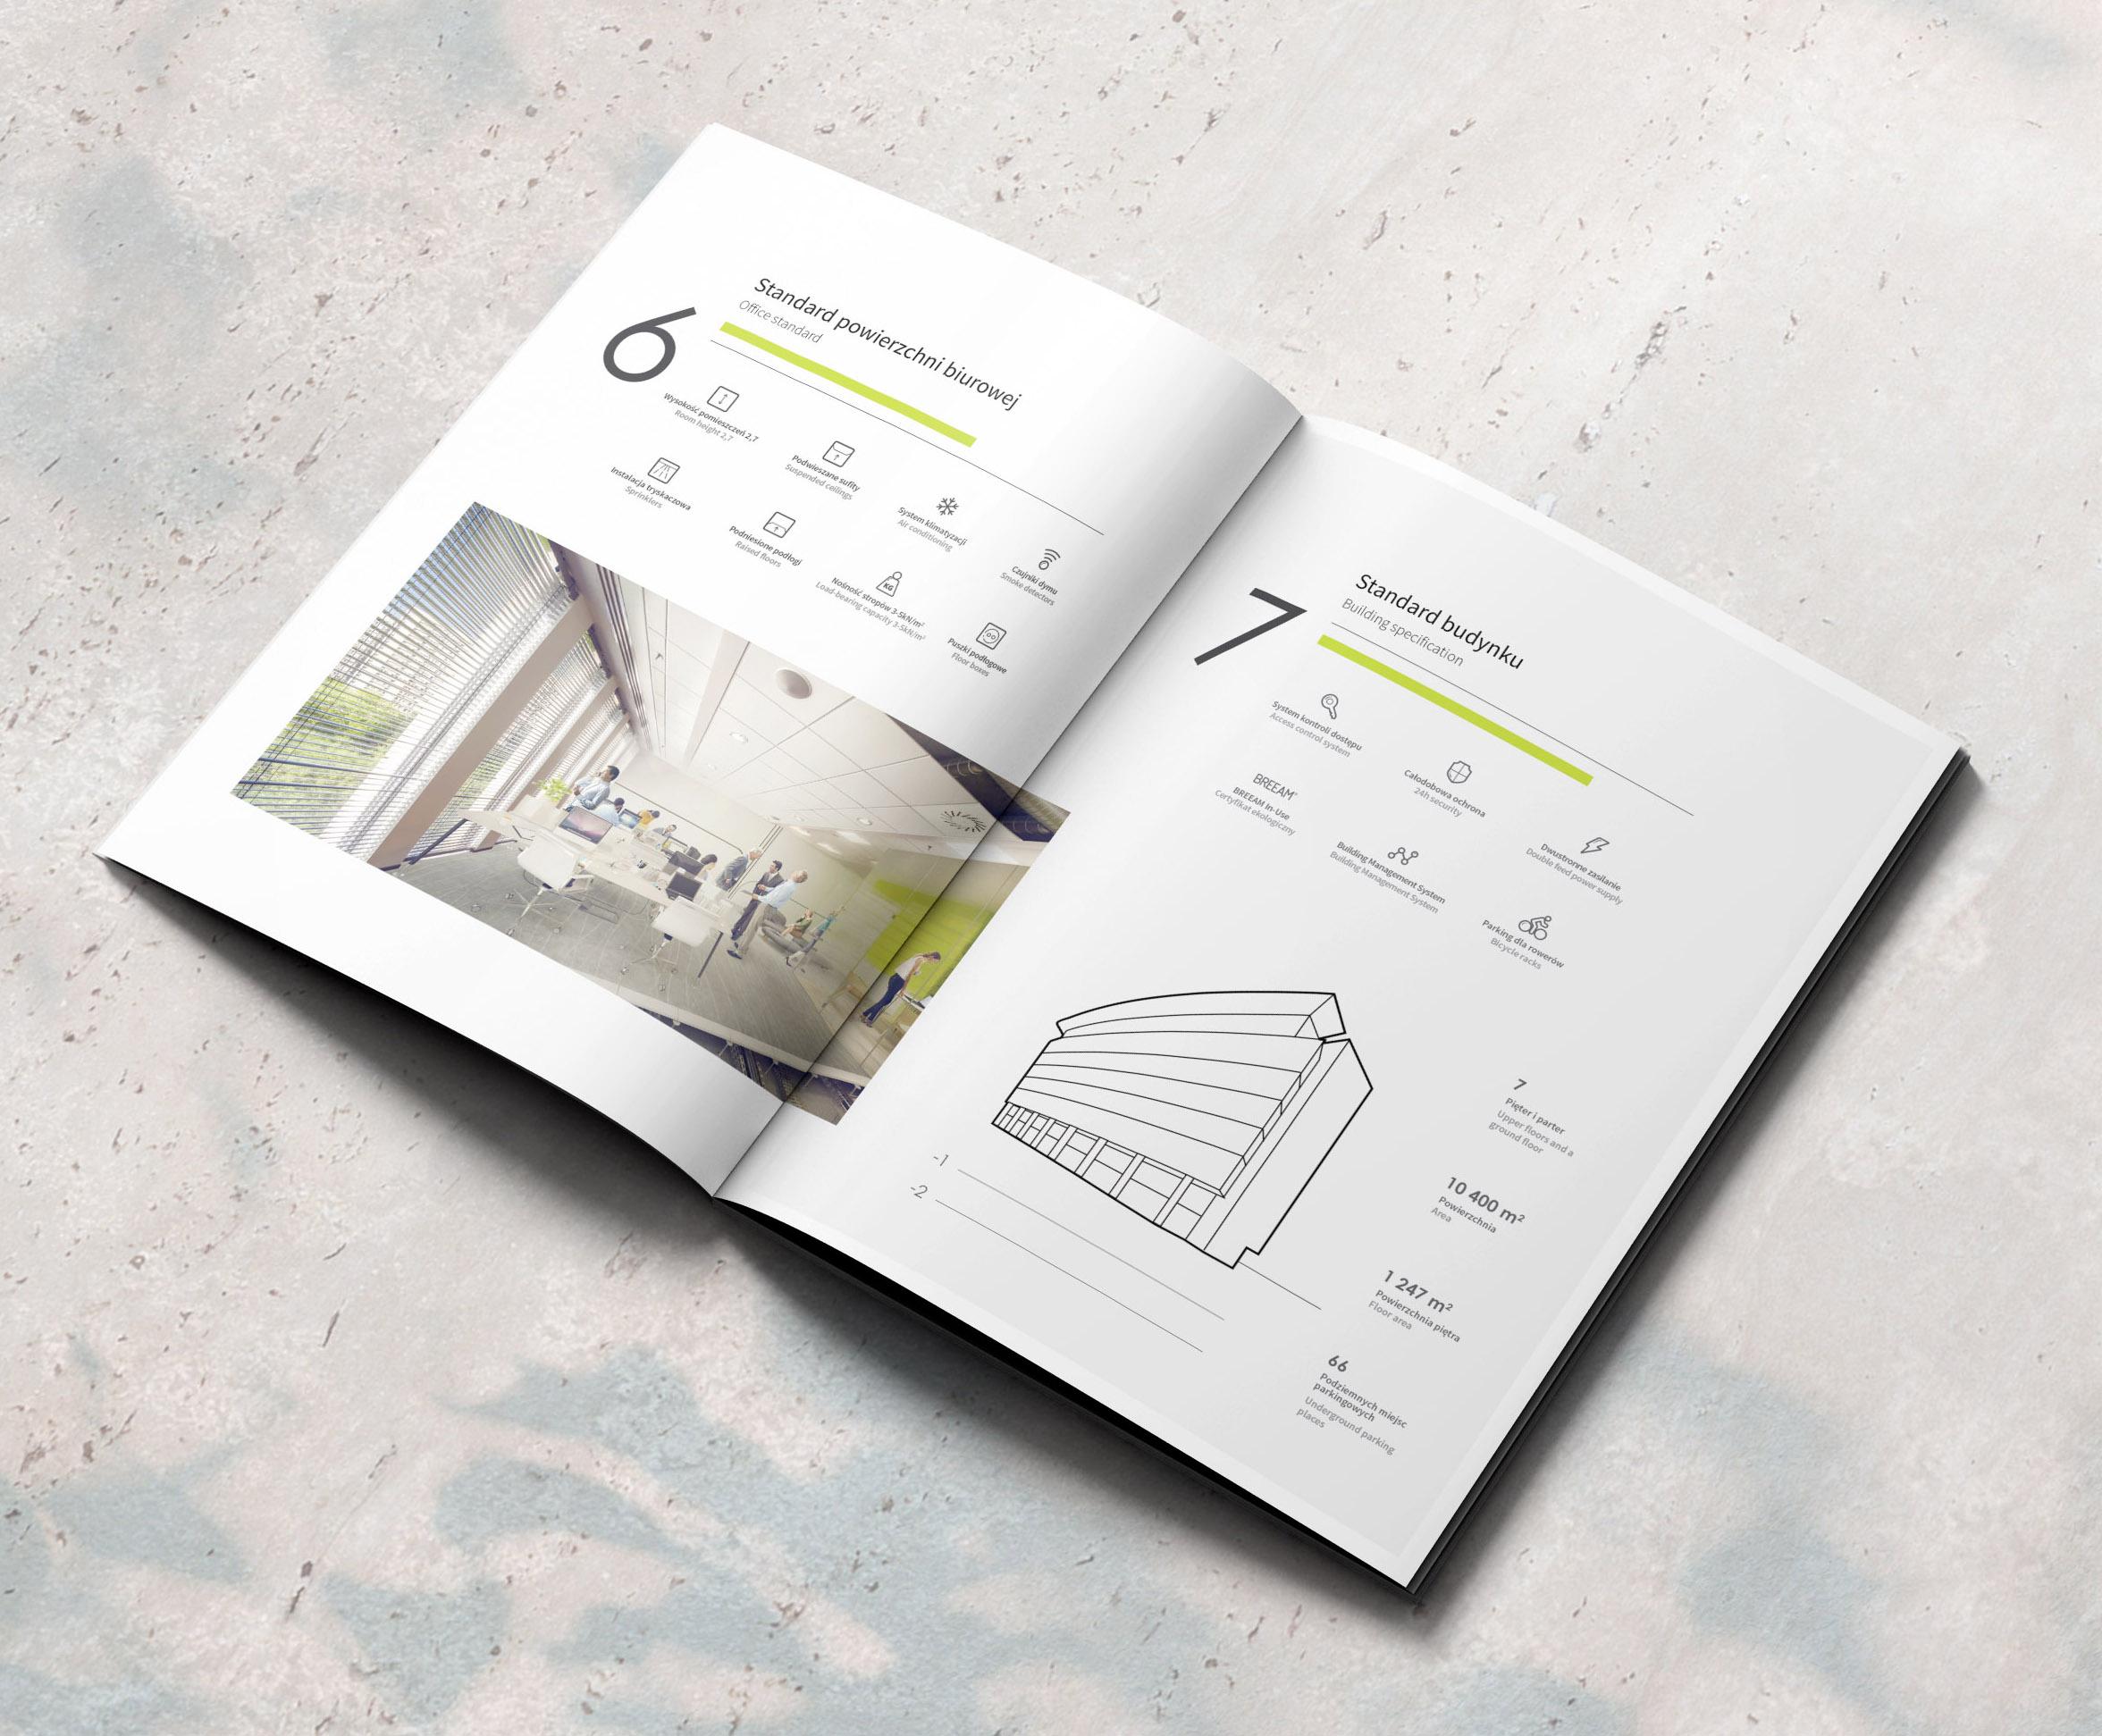 2015 Deka Grzybowska Park brochure 8.jpg